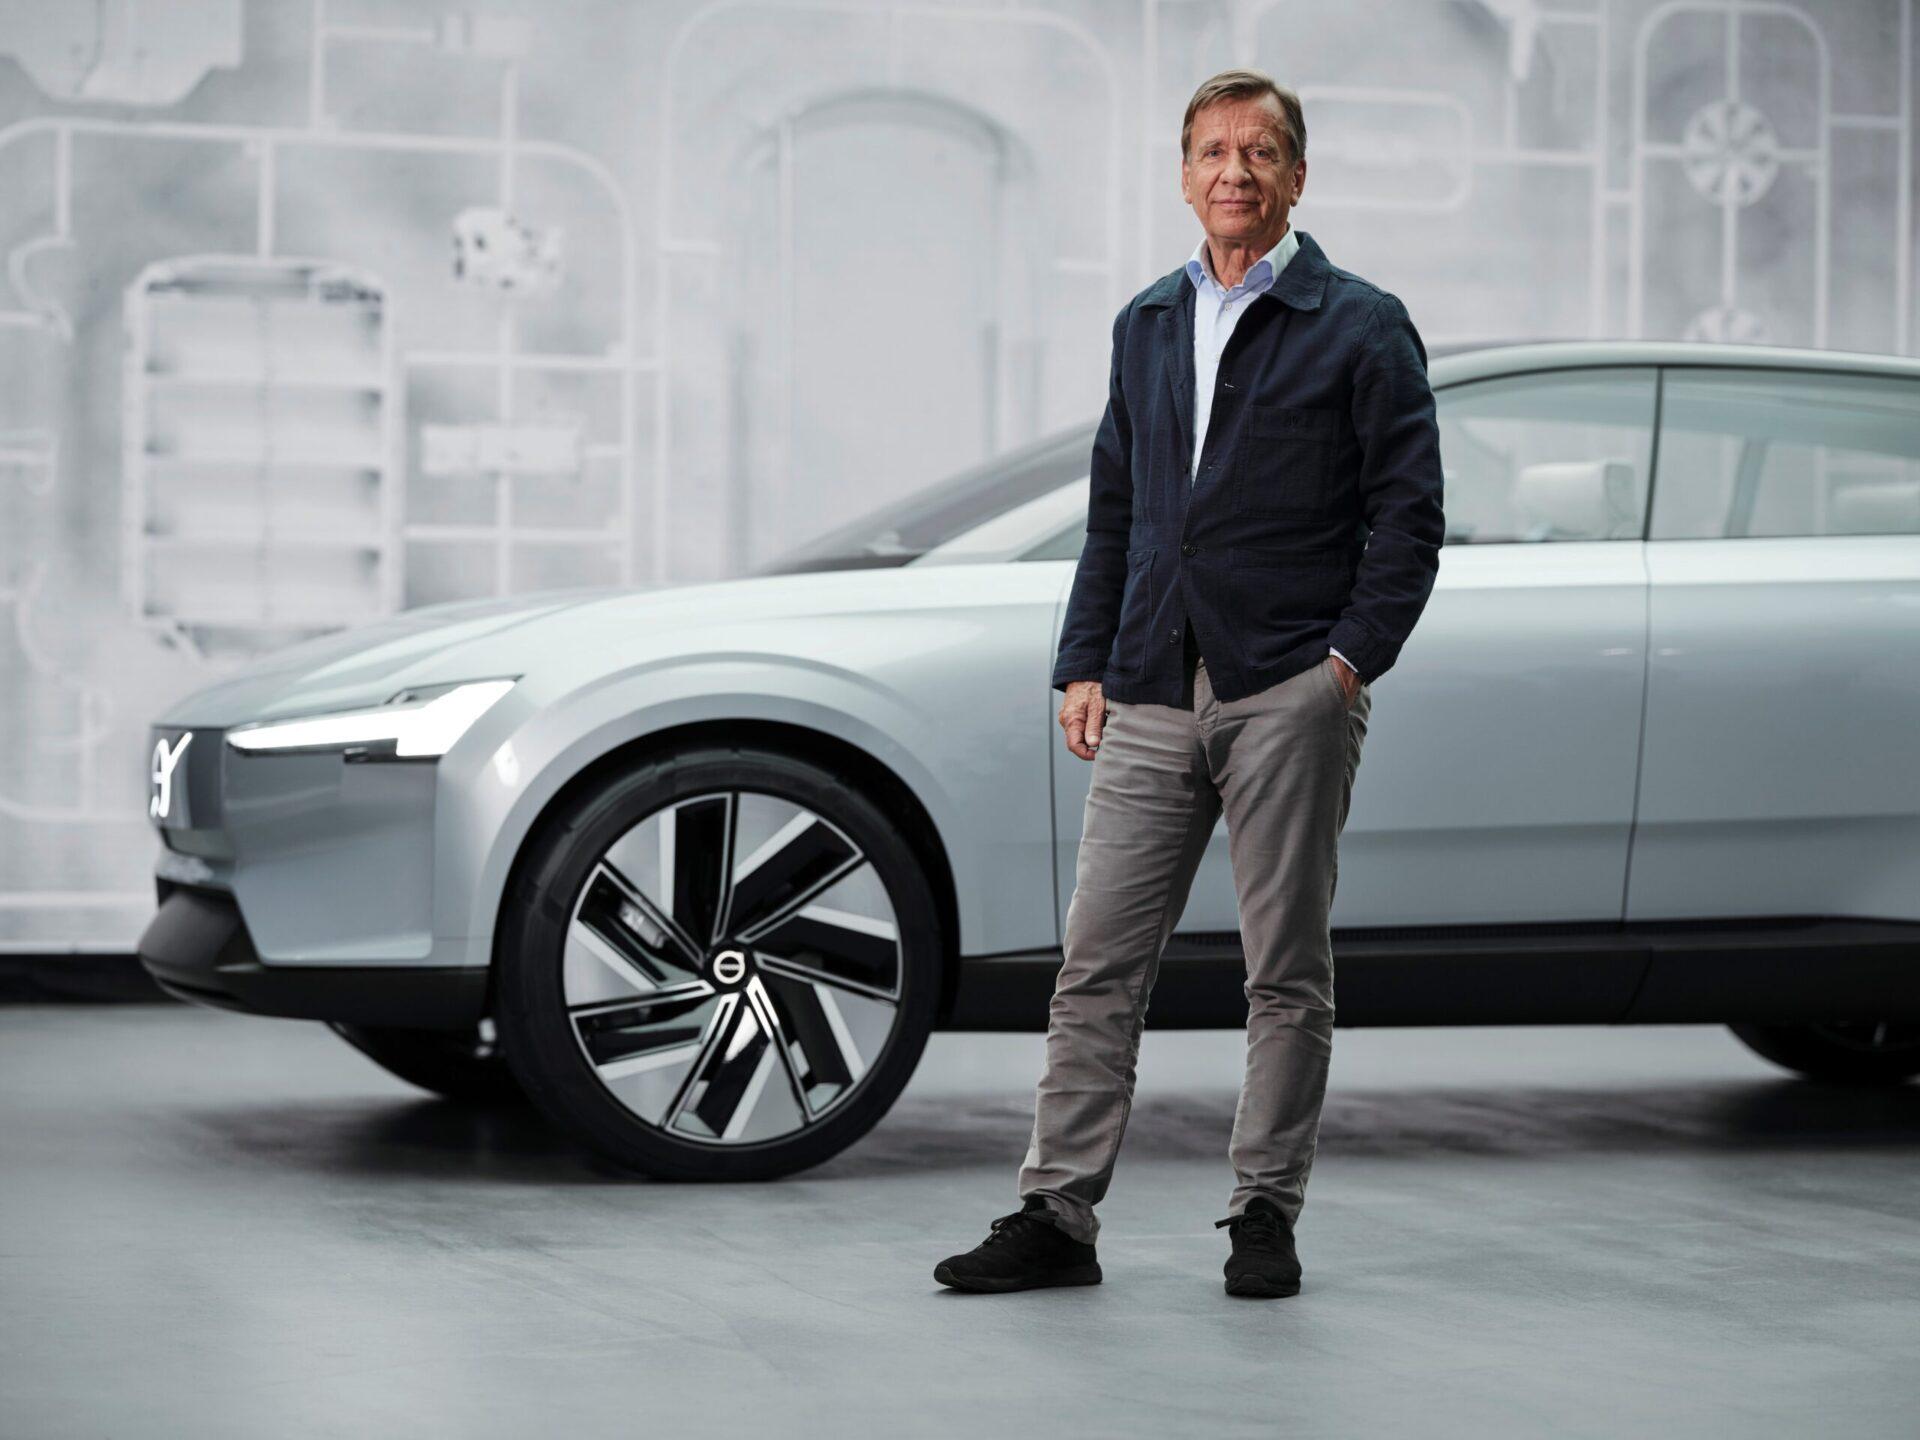 Volvo превысил допандемийные объемы продаж в первом полугодии 2021 года